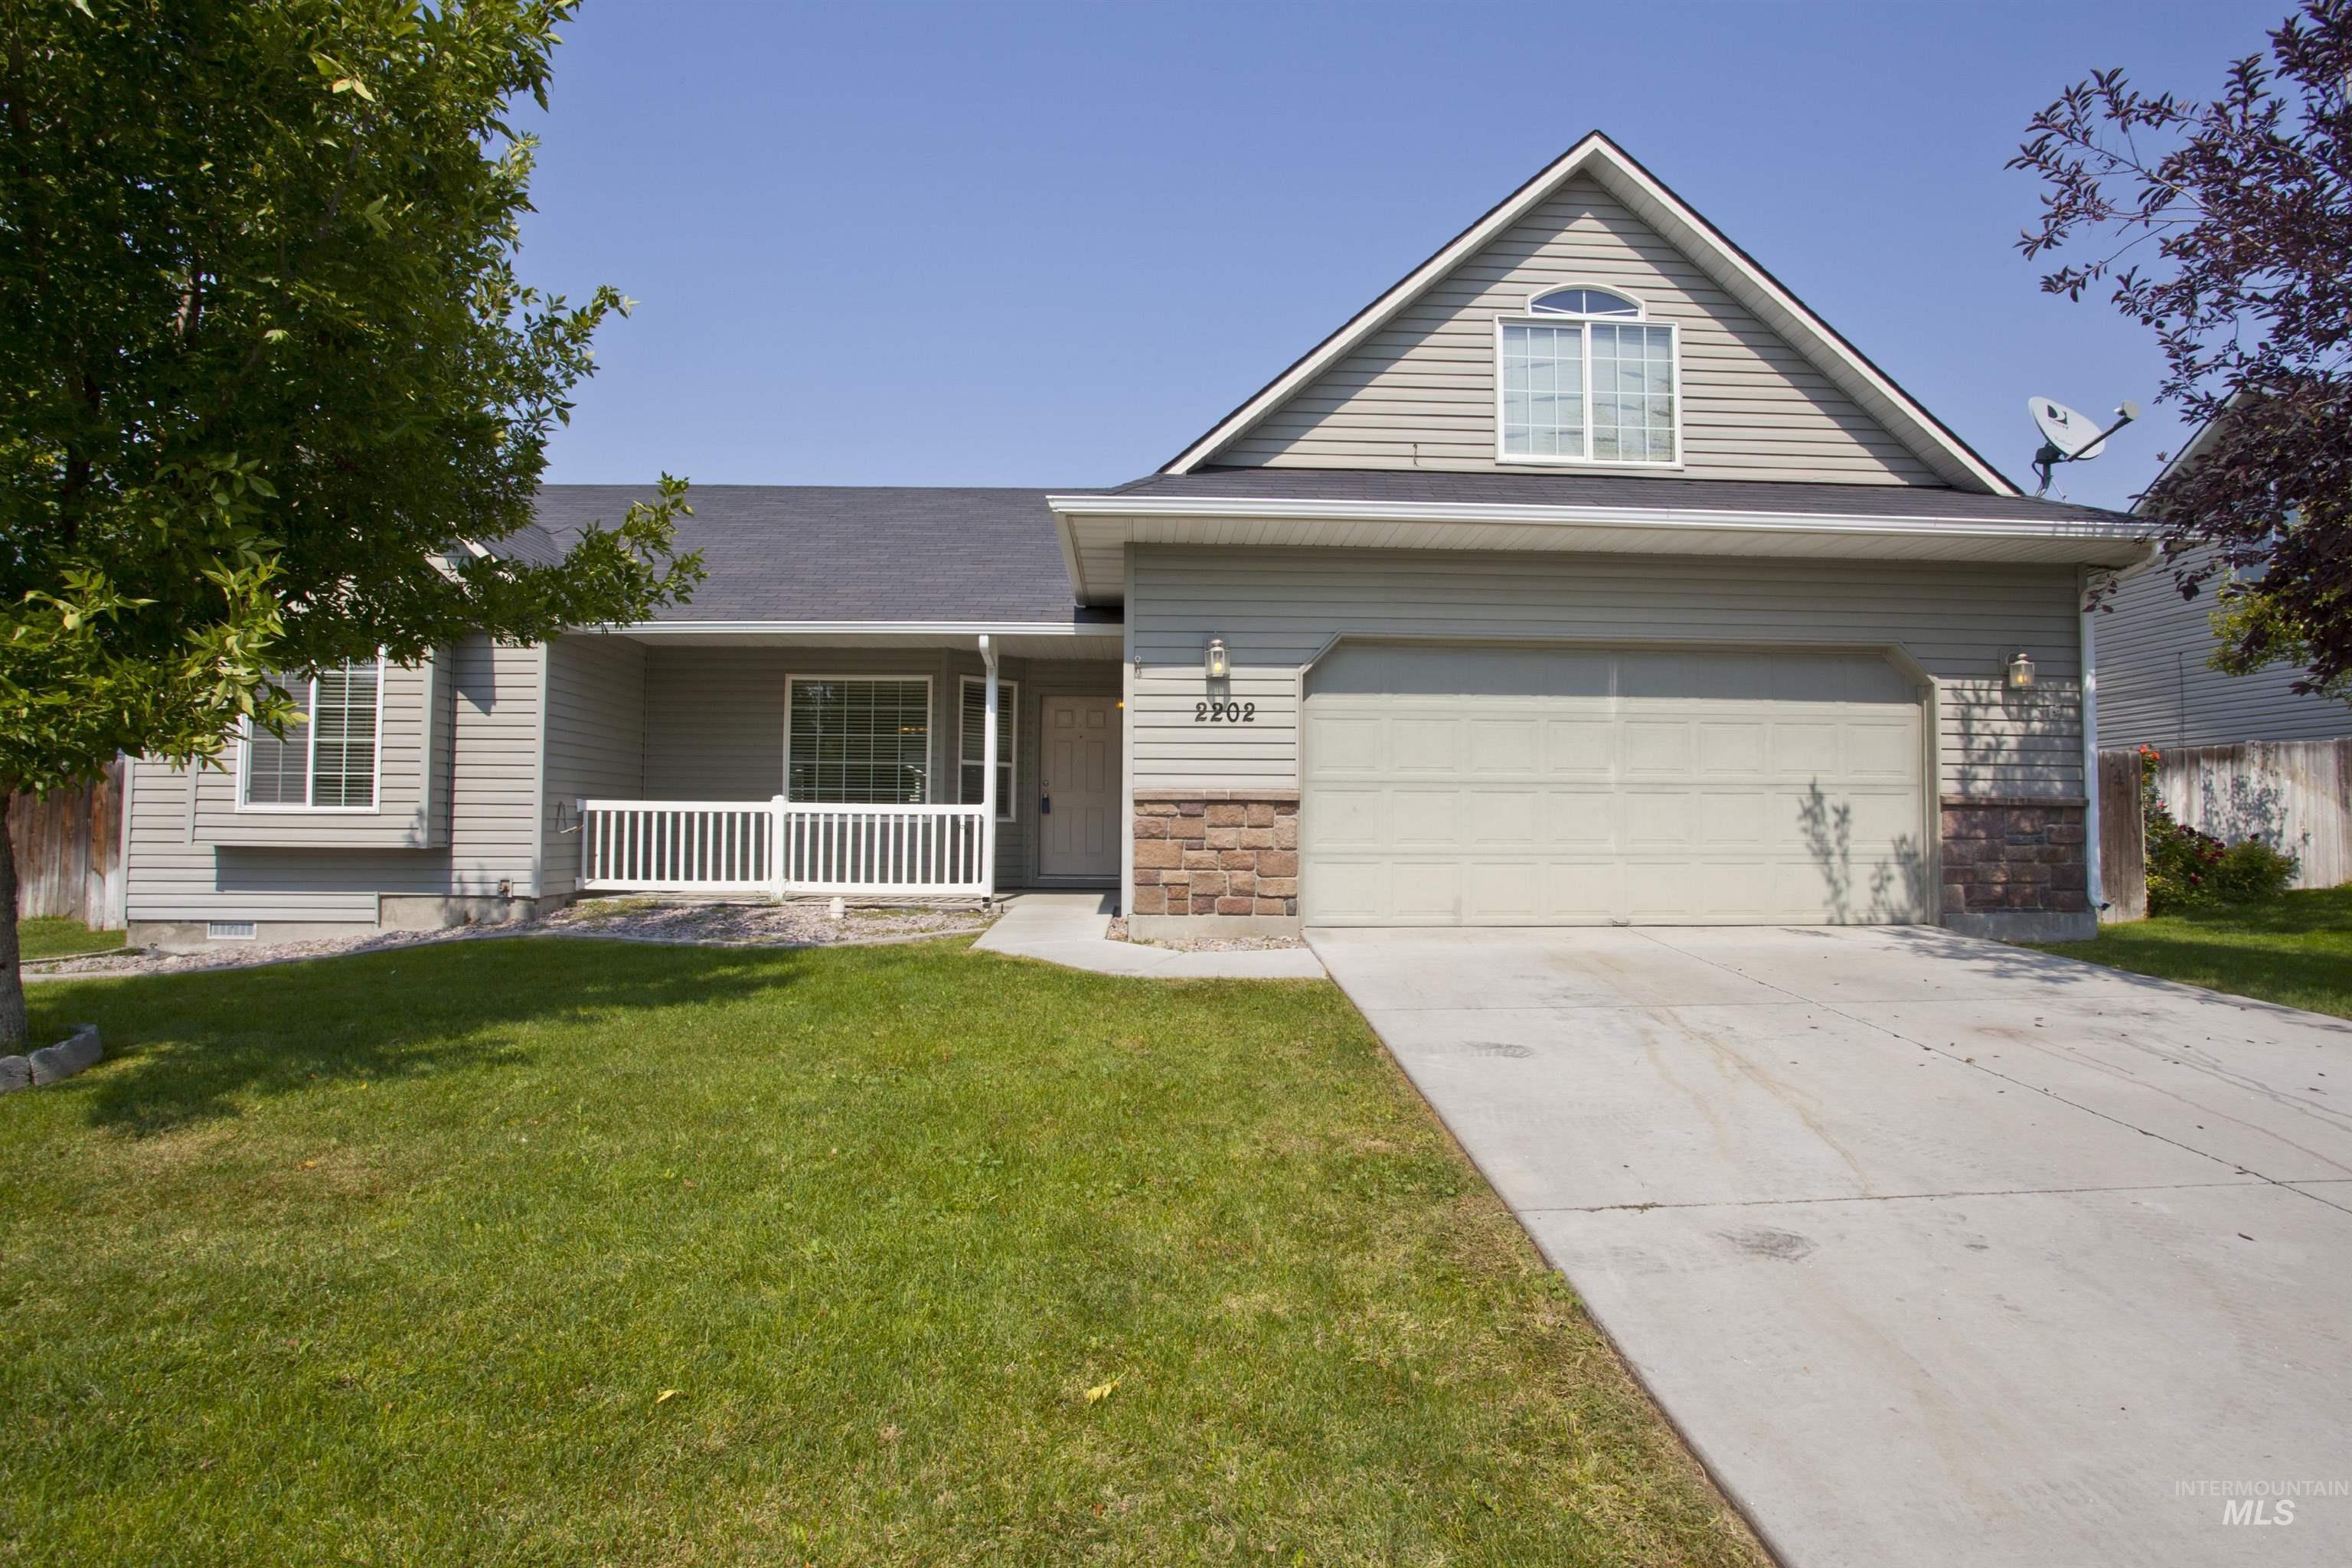 2202 W Mountain Pointe Ct Property Photo